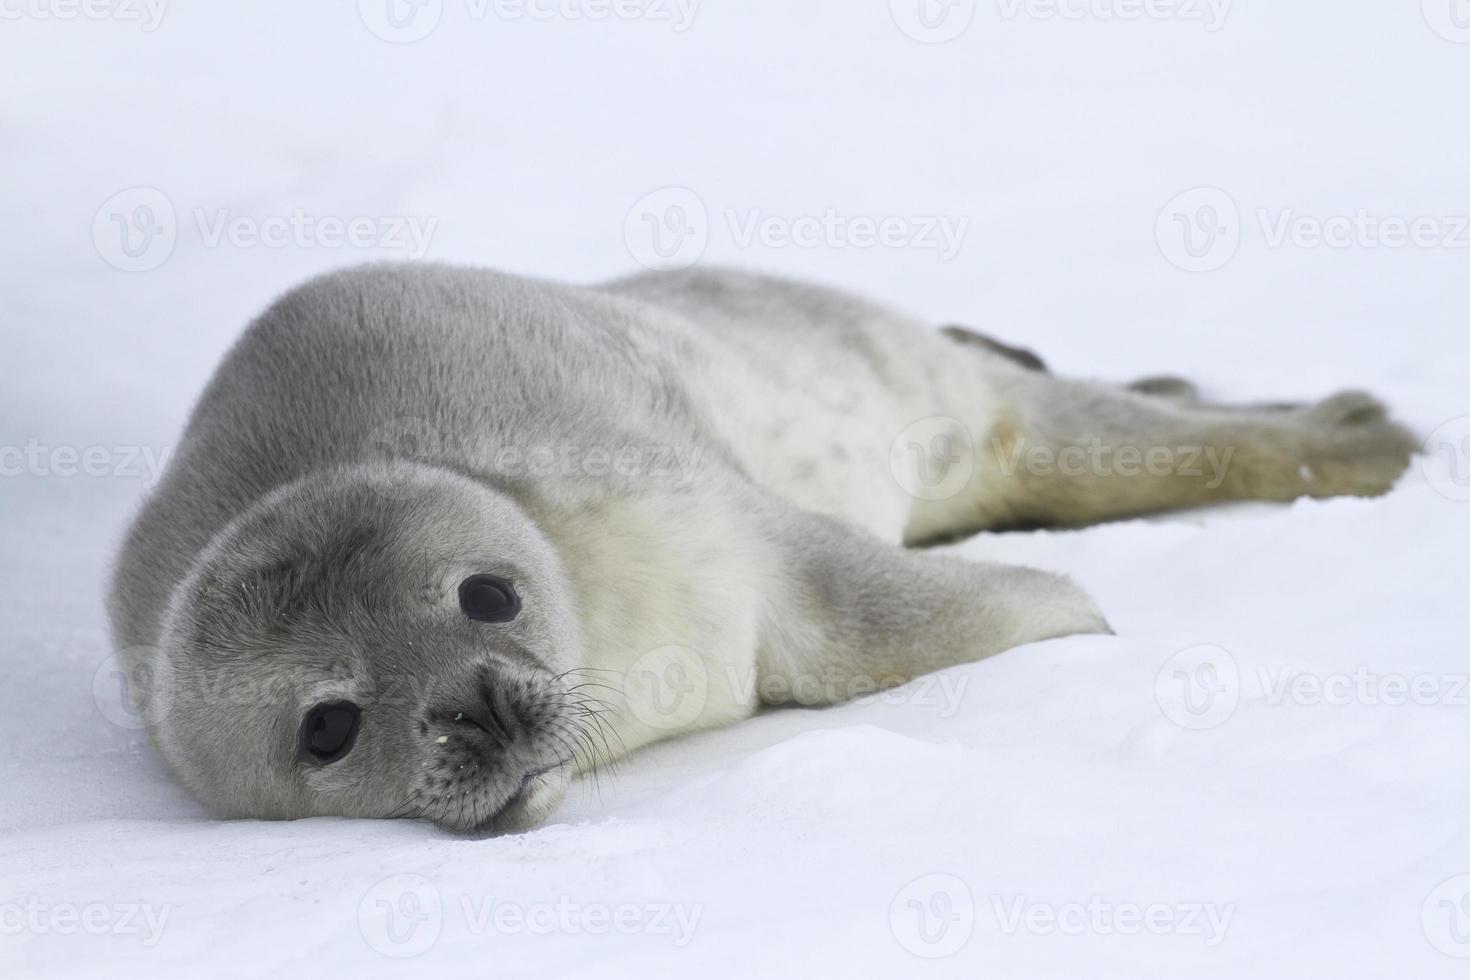 filhotes de focas weddell que se encontram no gelo foto